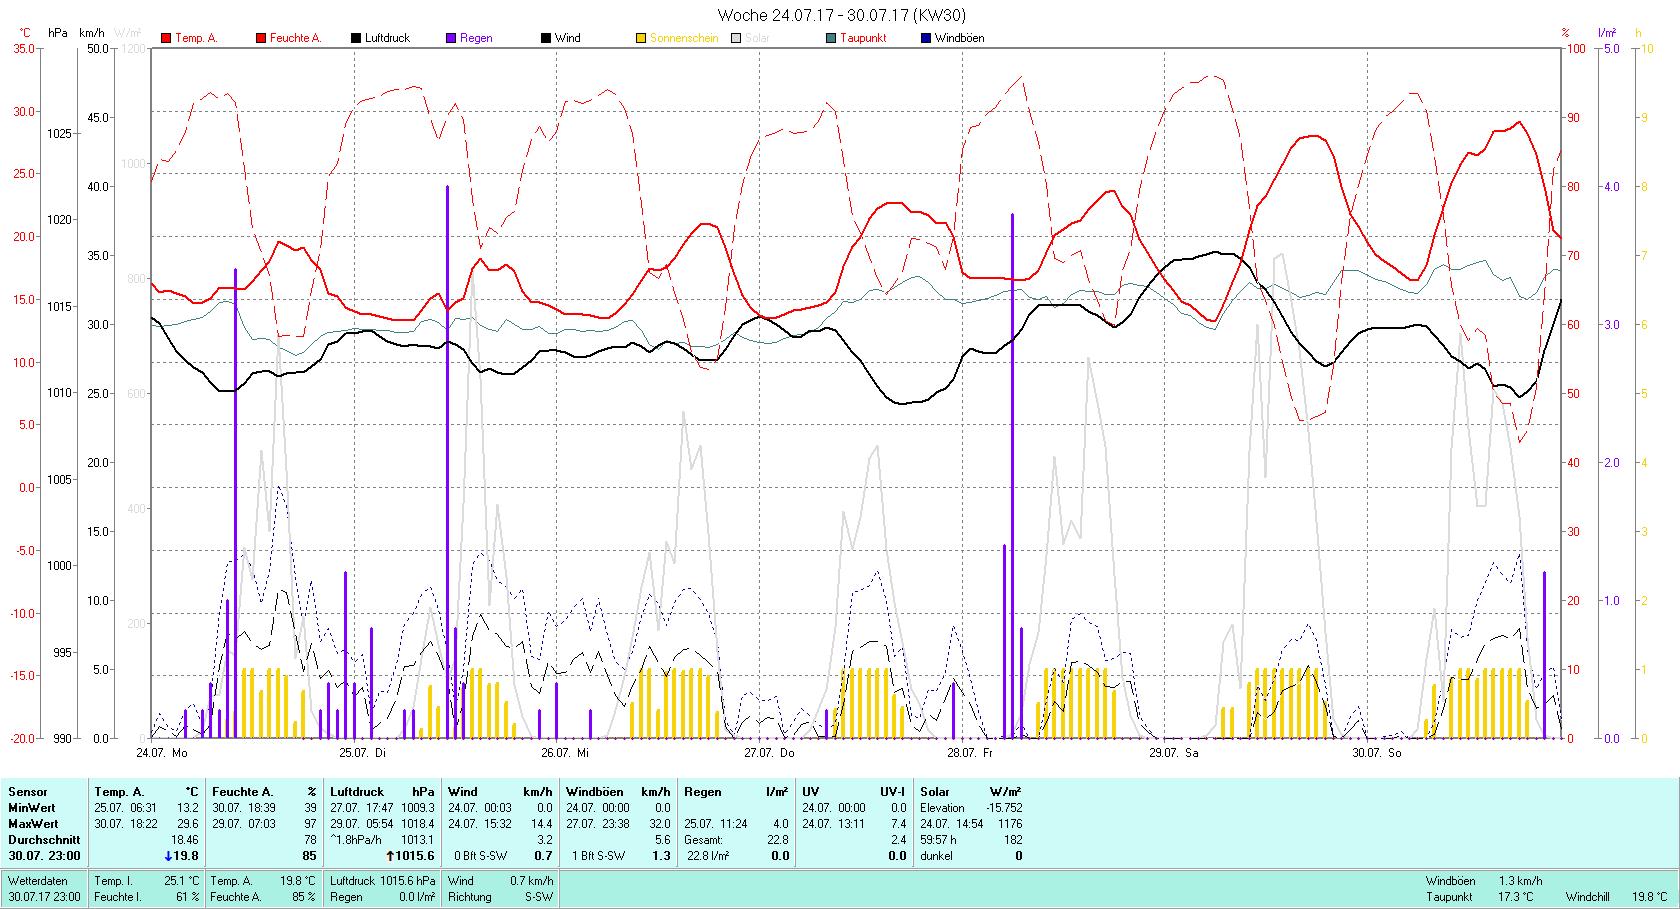 KW 30 Tmin 13.2°C, Tmax 29.6°C, Sonne 59:57 h Niederschlag 22.8 mm2